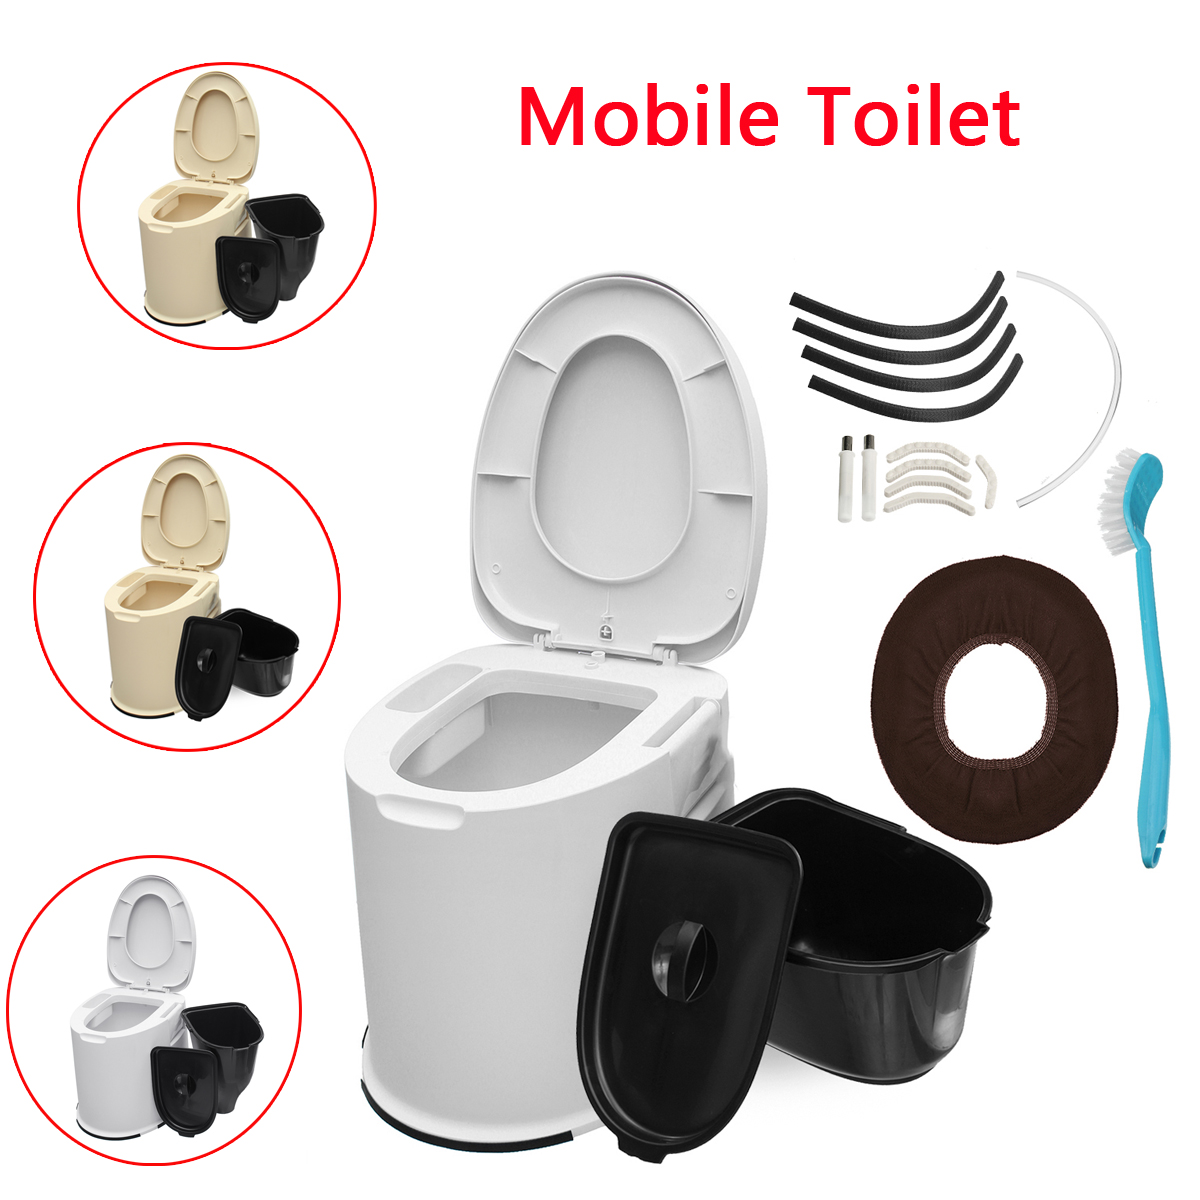 Portable Toilettes 12L Capacité Mobile Toilette Voyage Camping De Toilette Commode En Plein Air Compact Pot Toilettes Urine Dispositif